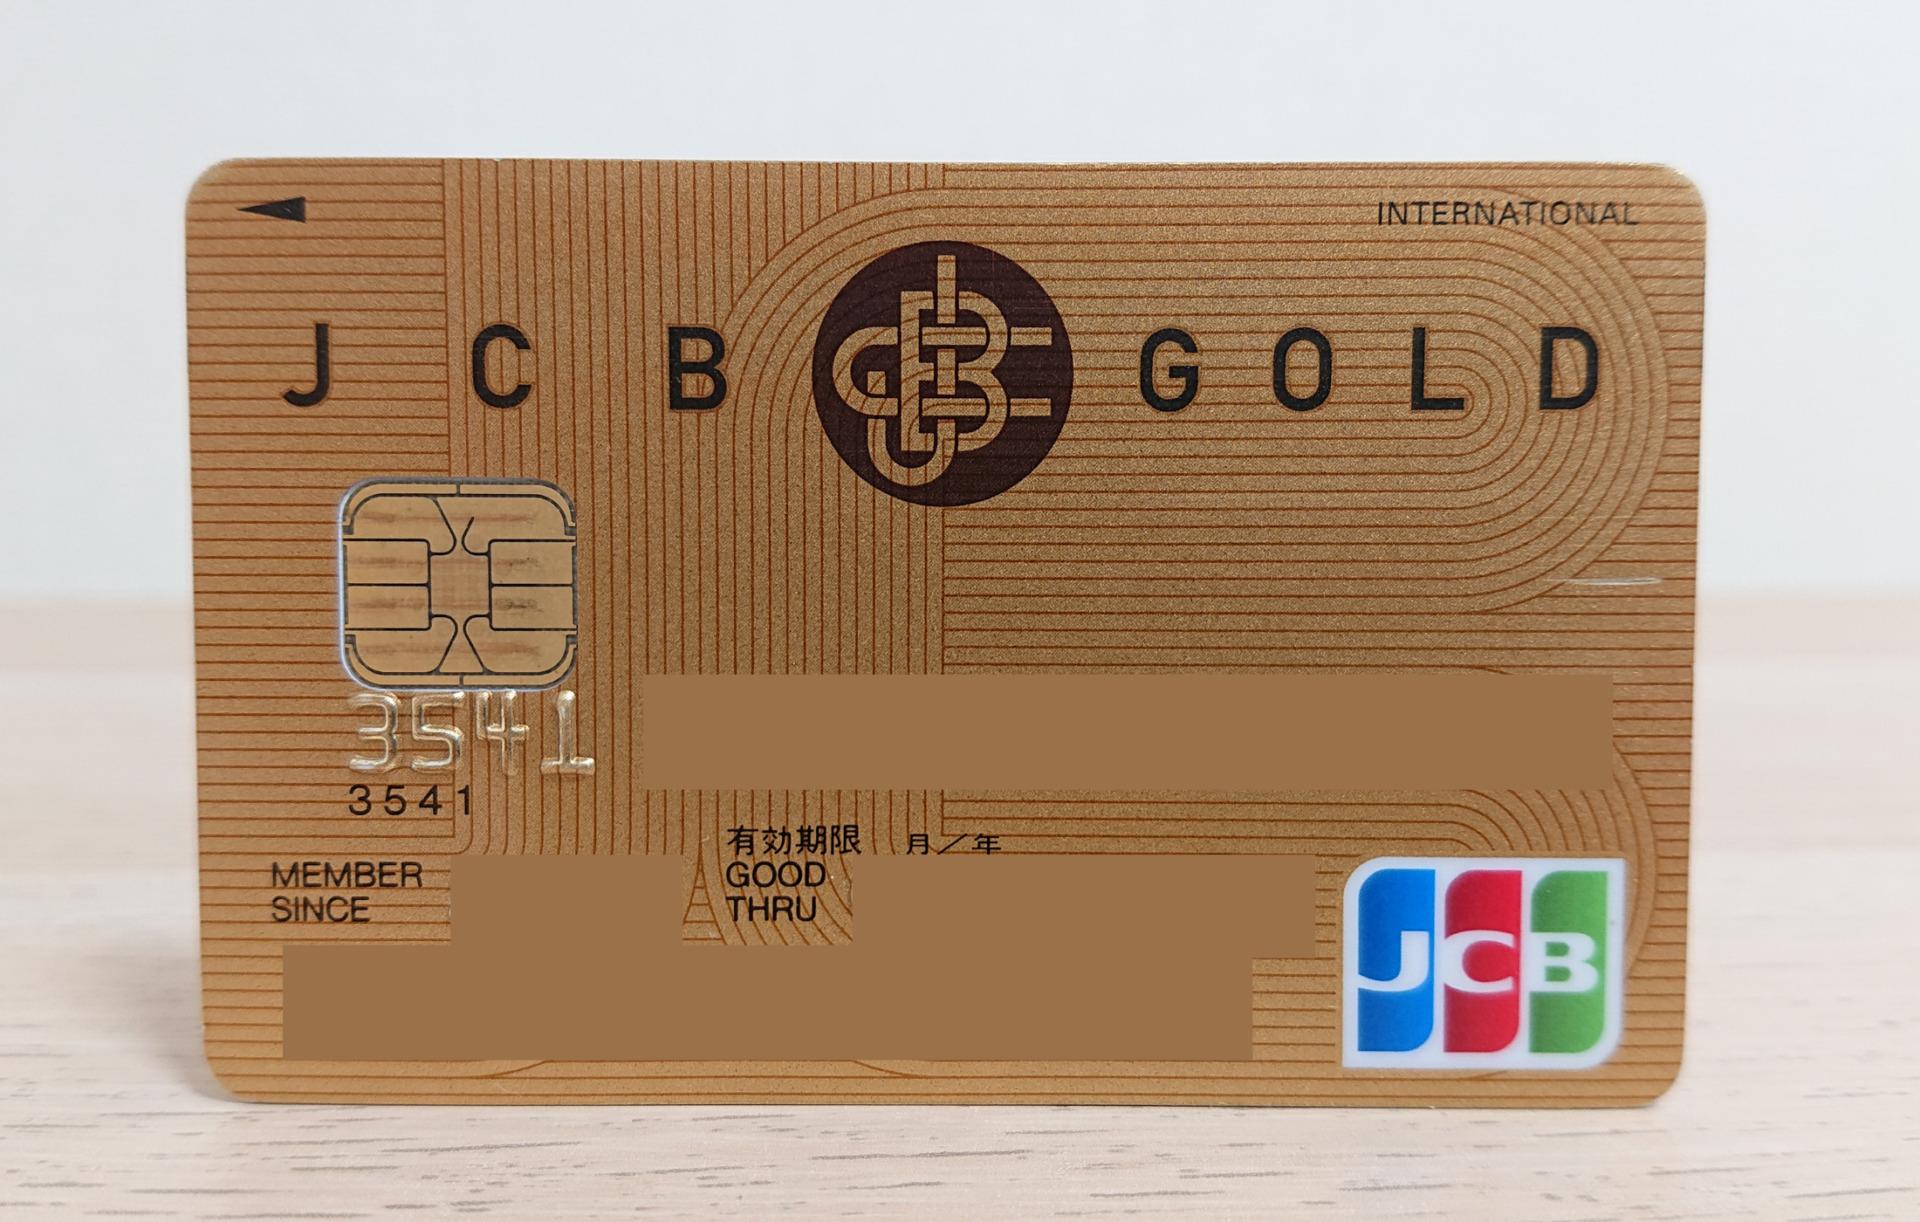 JCBゴールド|カードフェイス